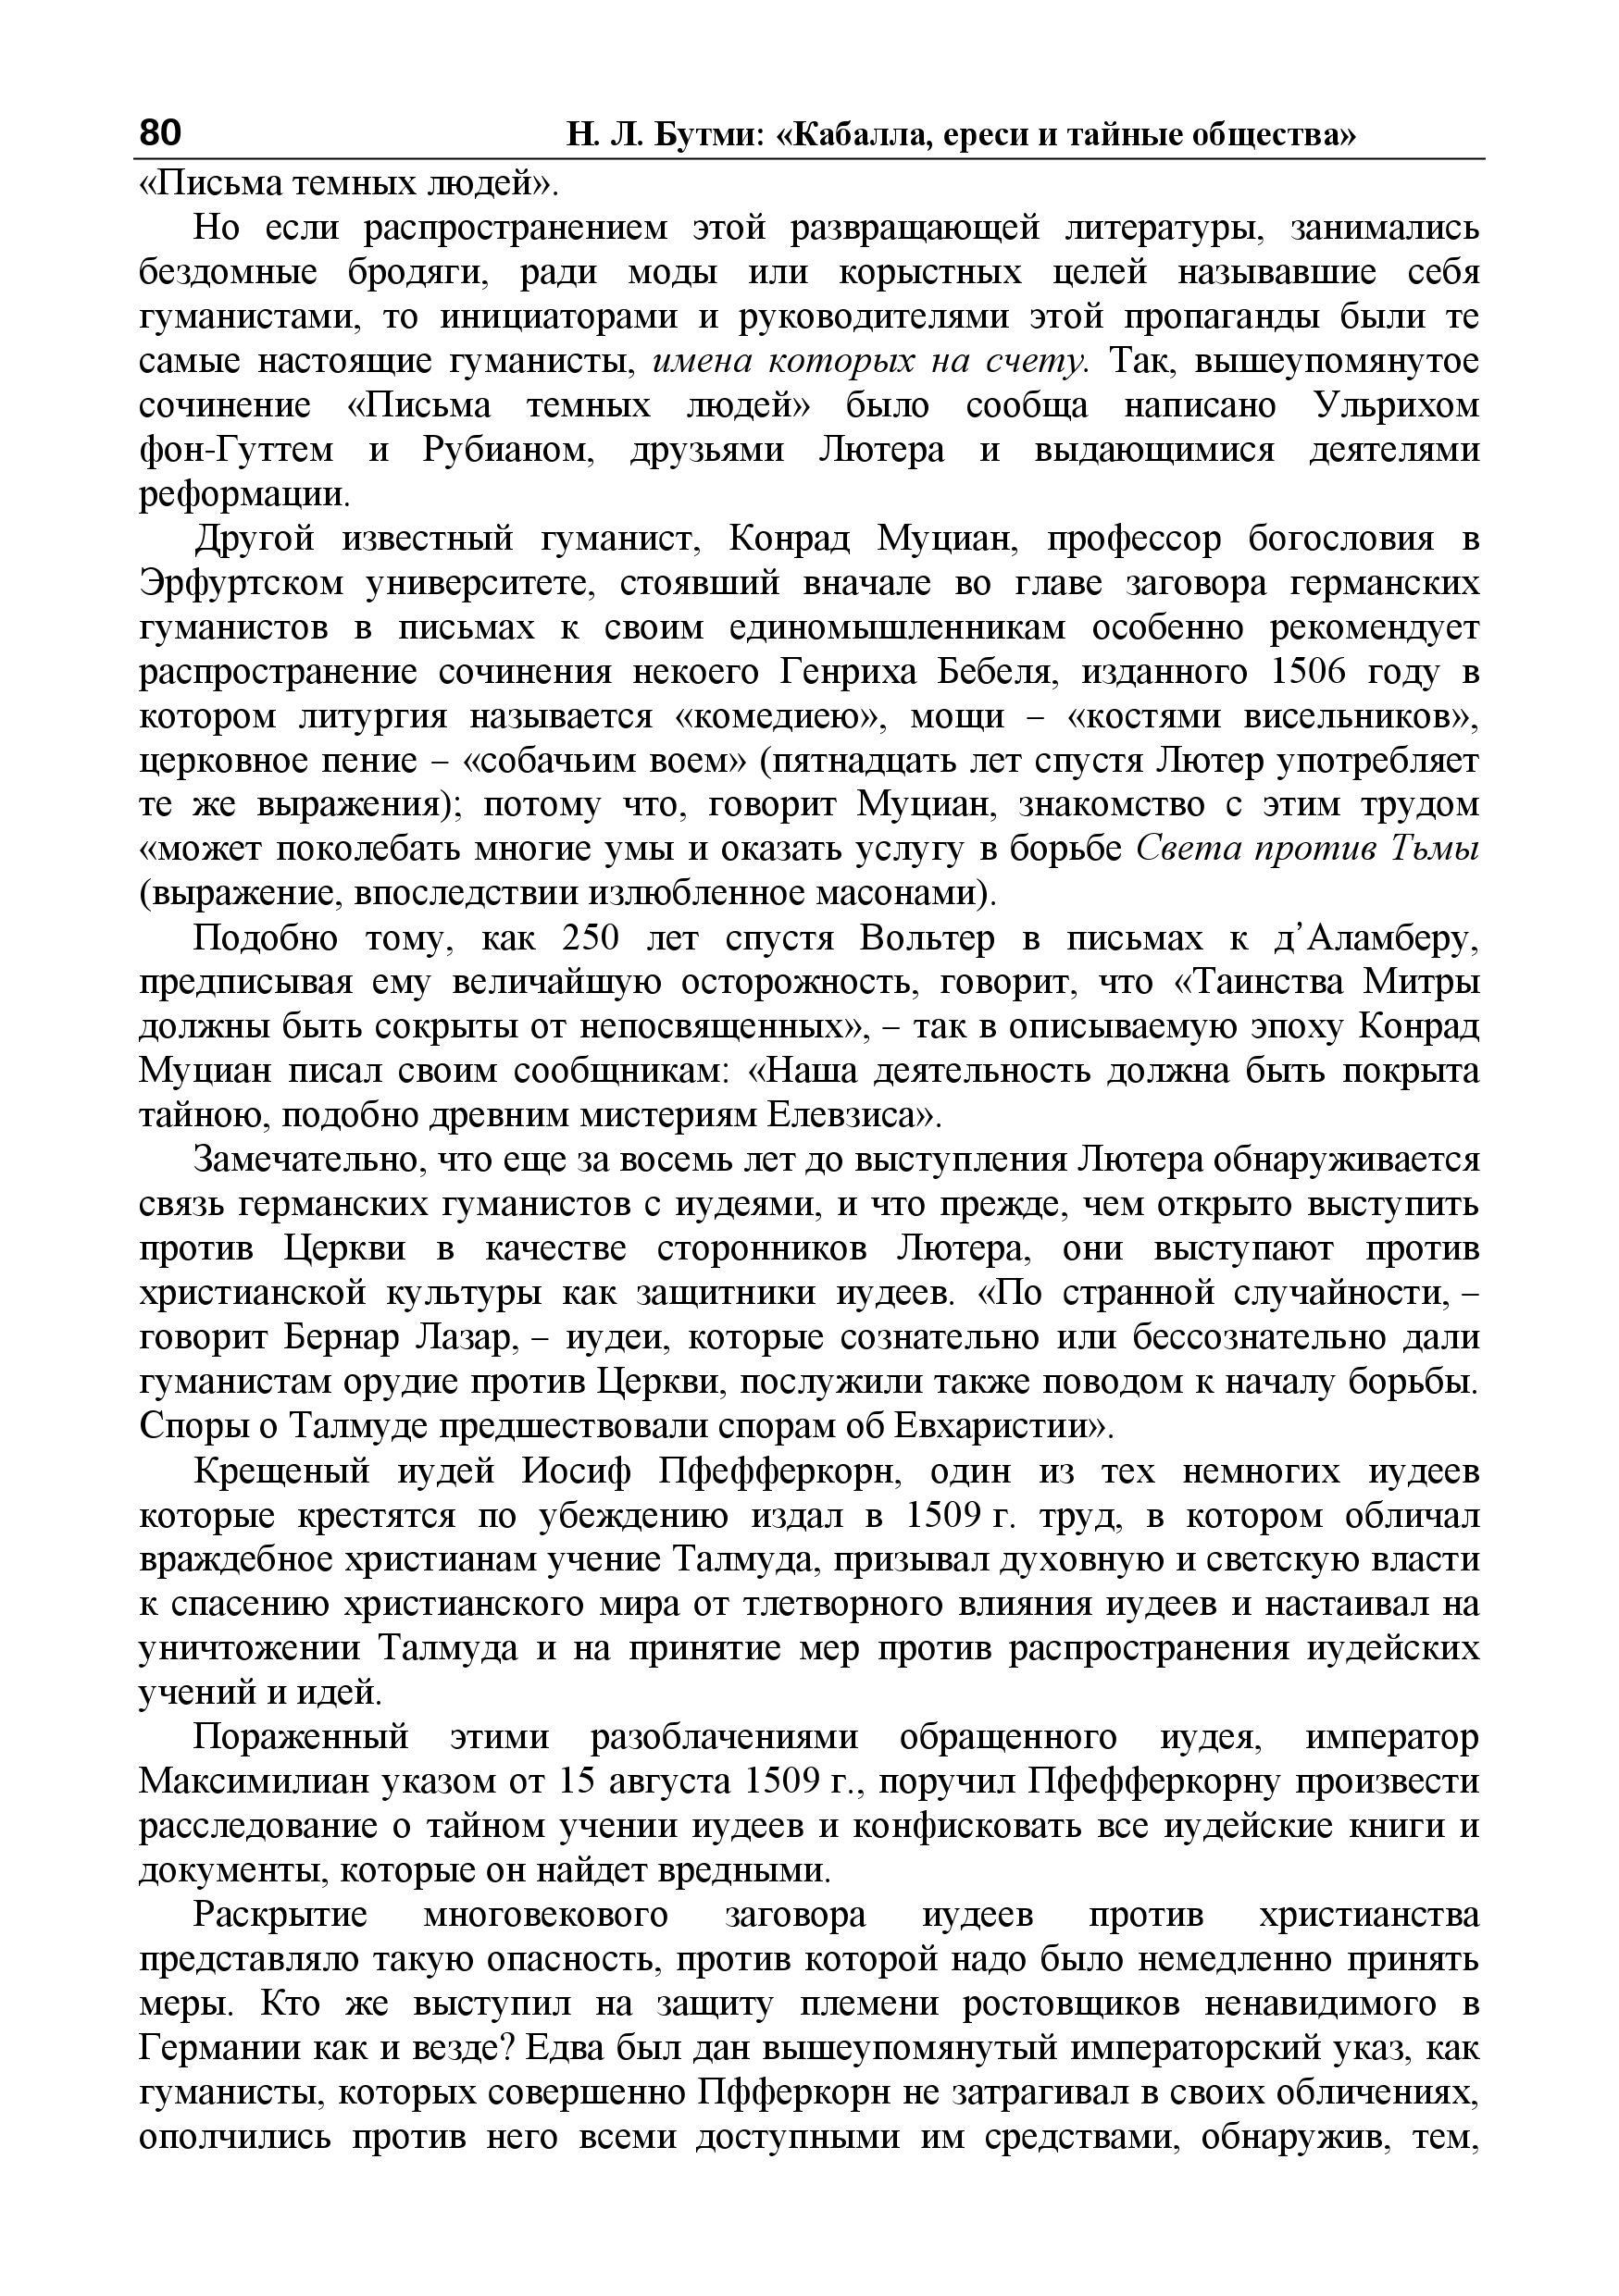 http://s2.uploads.ru/XDhVr.jpg